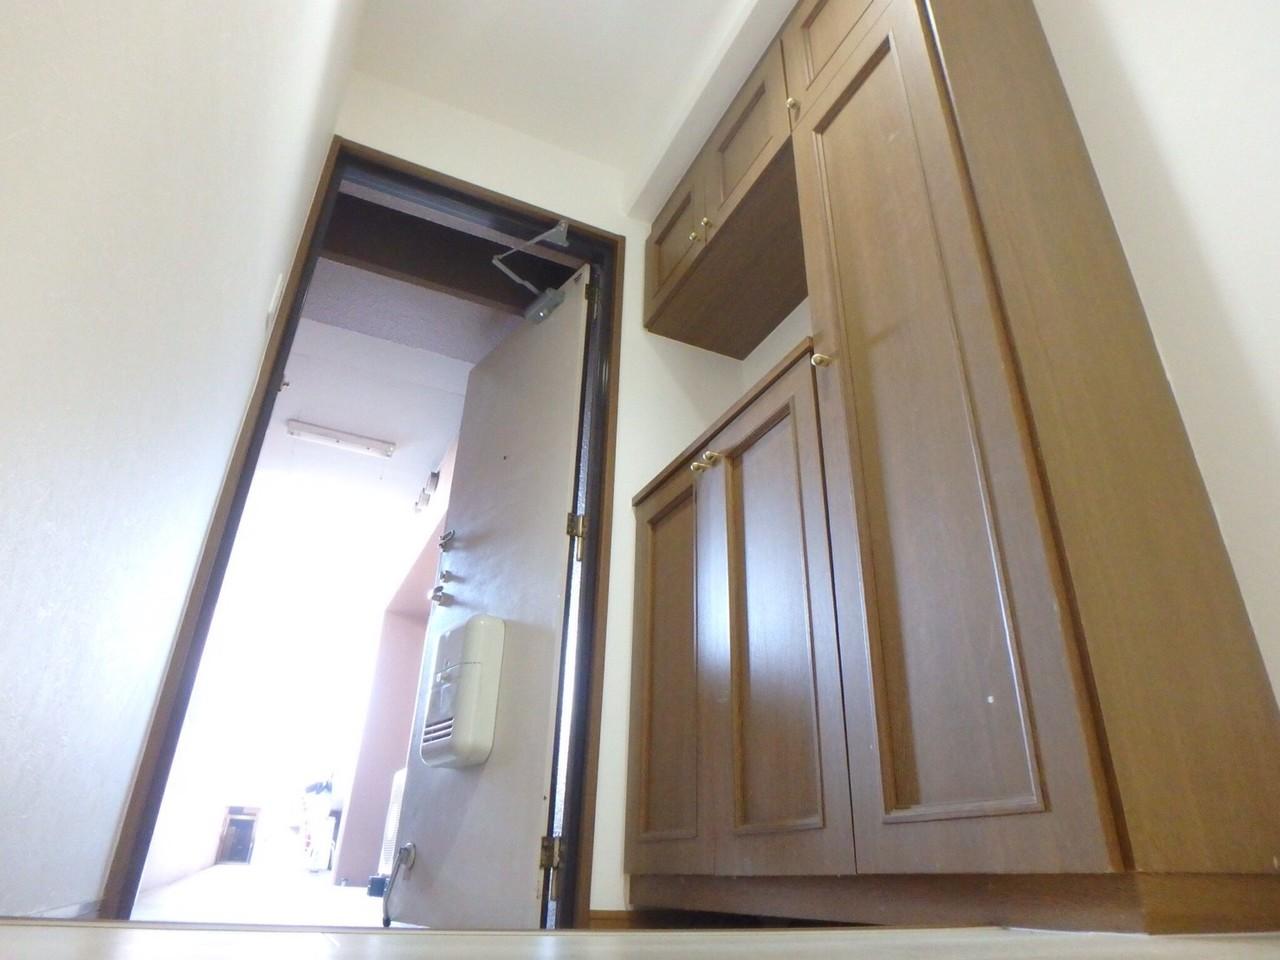 さて、室内は・・・。 玄関には天井まで届く大きな収納があります。 靴の多いご家庭でも安心ですね。